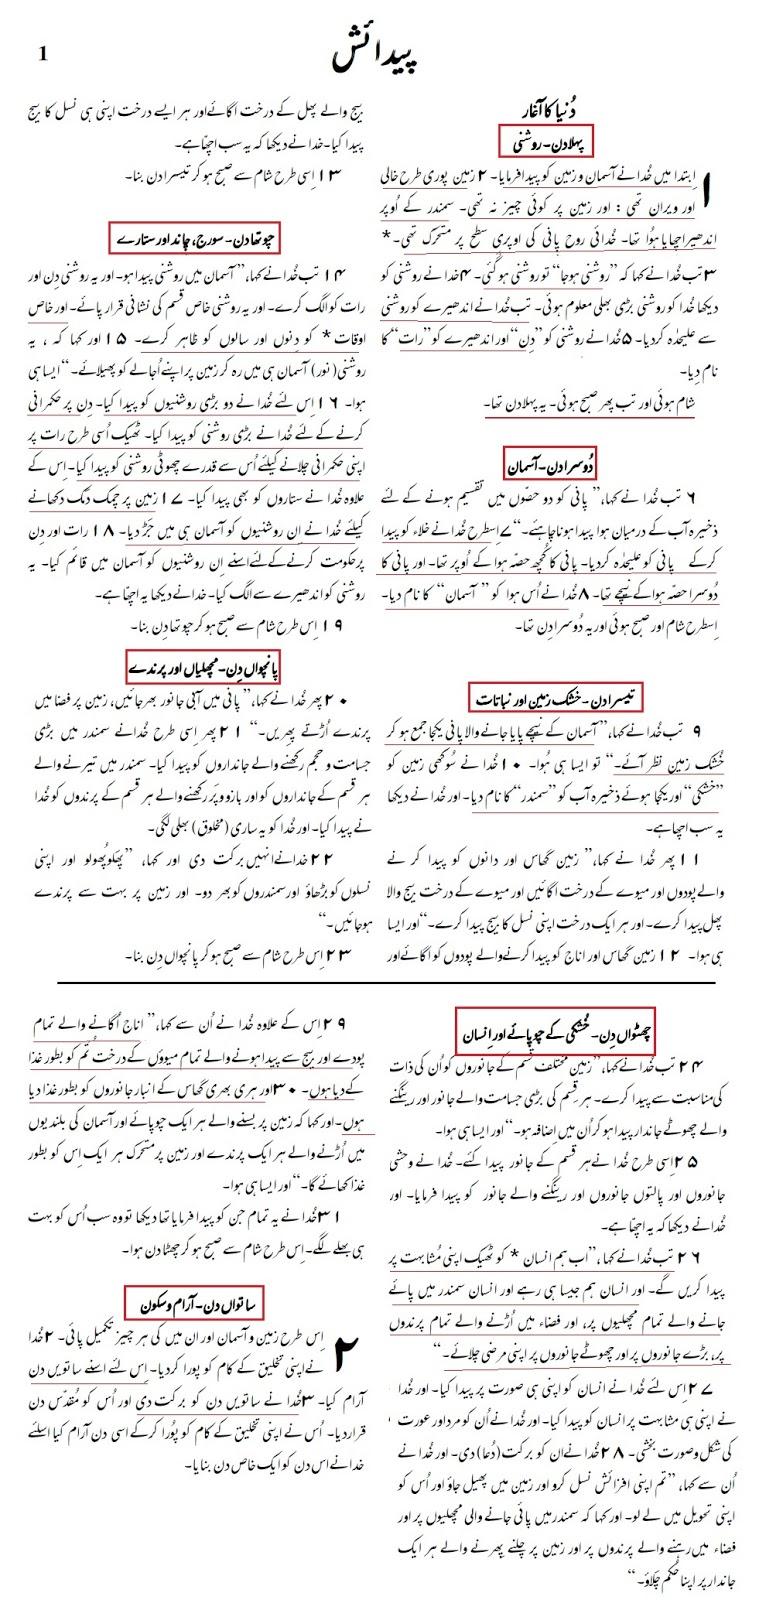 http://d1d7ektpm2nljo.cloudfront.net/1MZc9zoNyQ4IvK0-QAaQTw/Urdu_Bible_01__Genesis.pdf